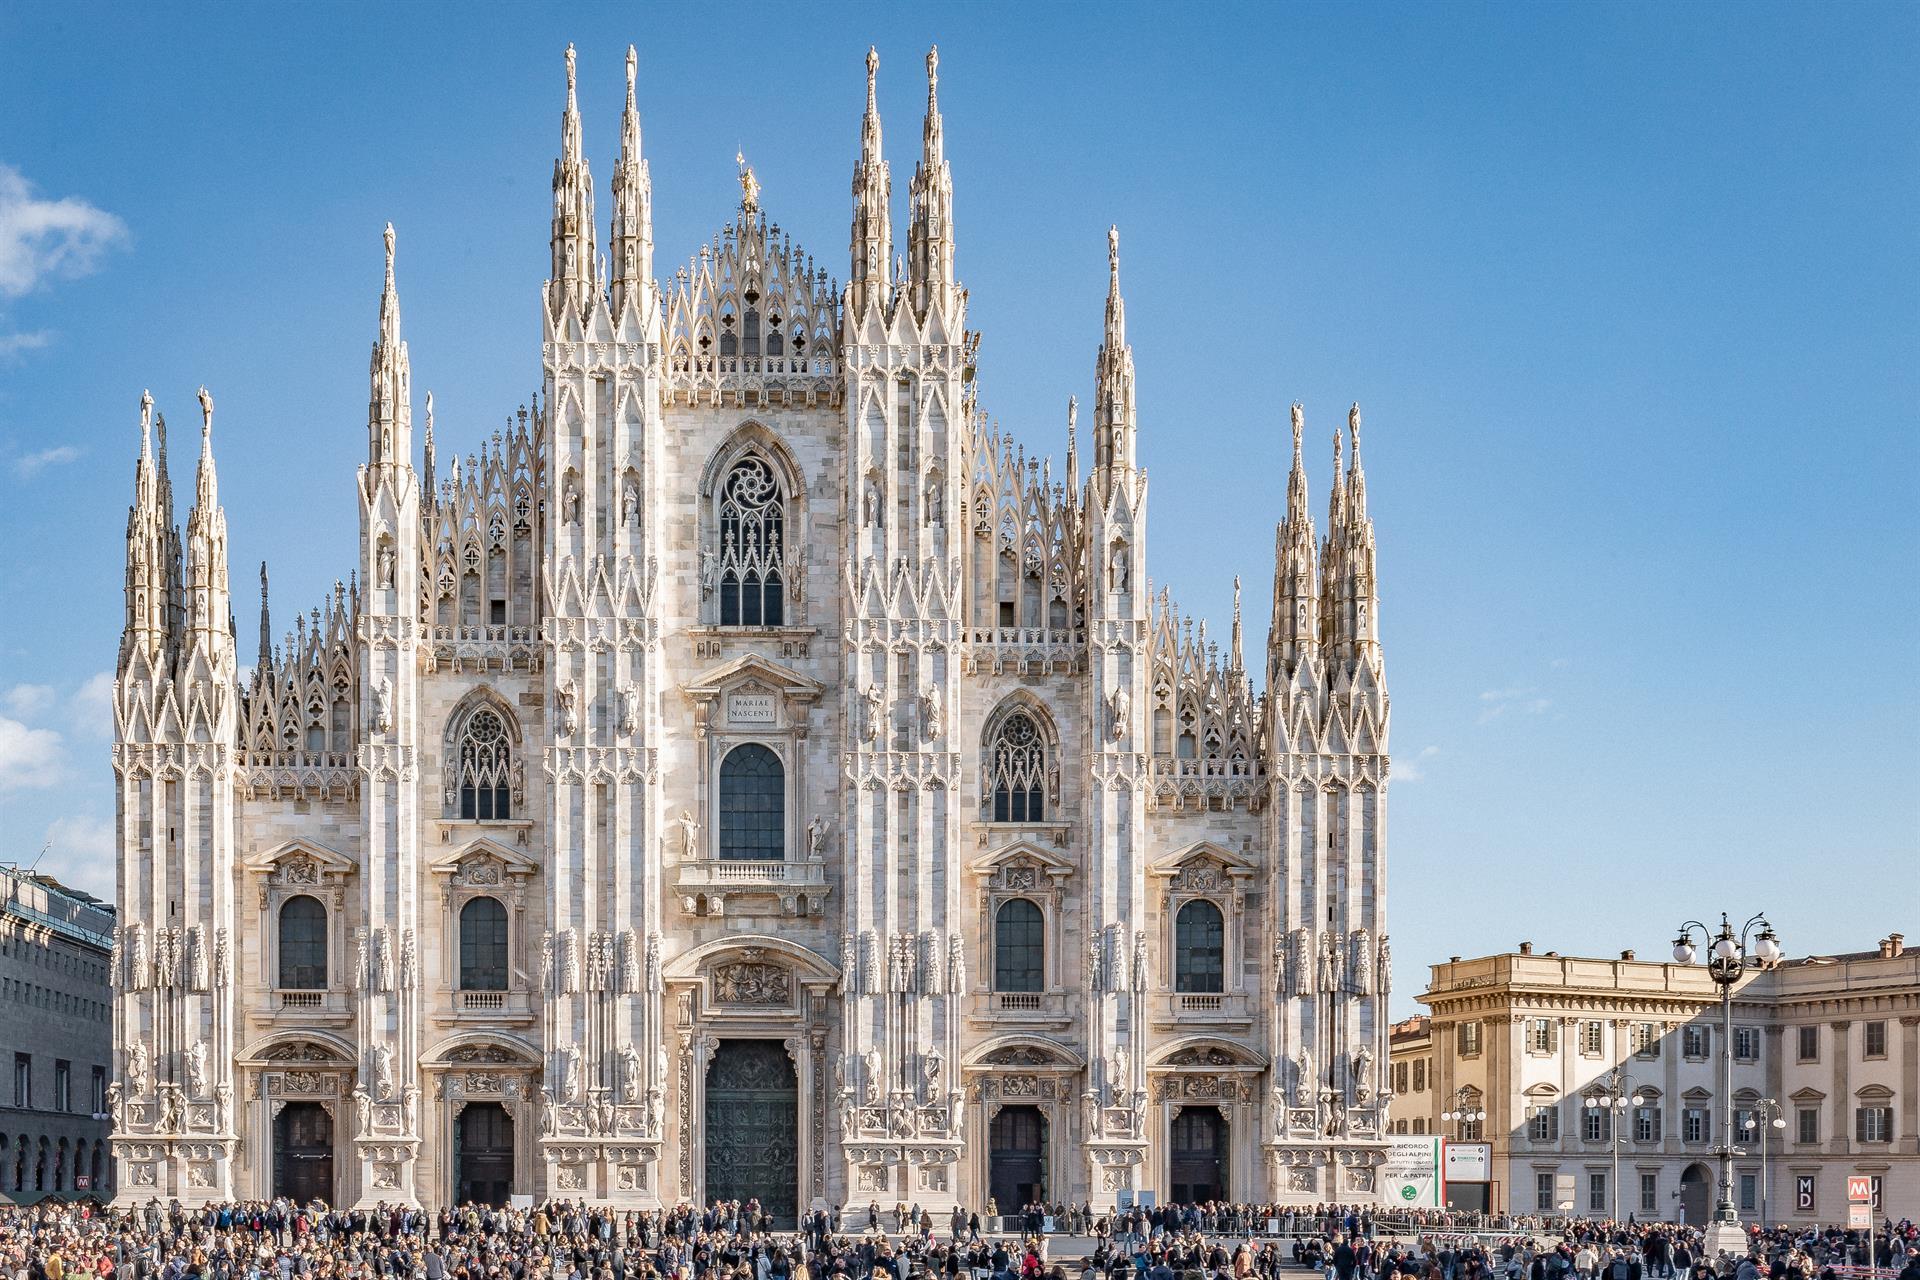 FS 2018 Dec7 Duomo Facade 03